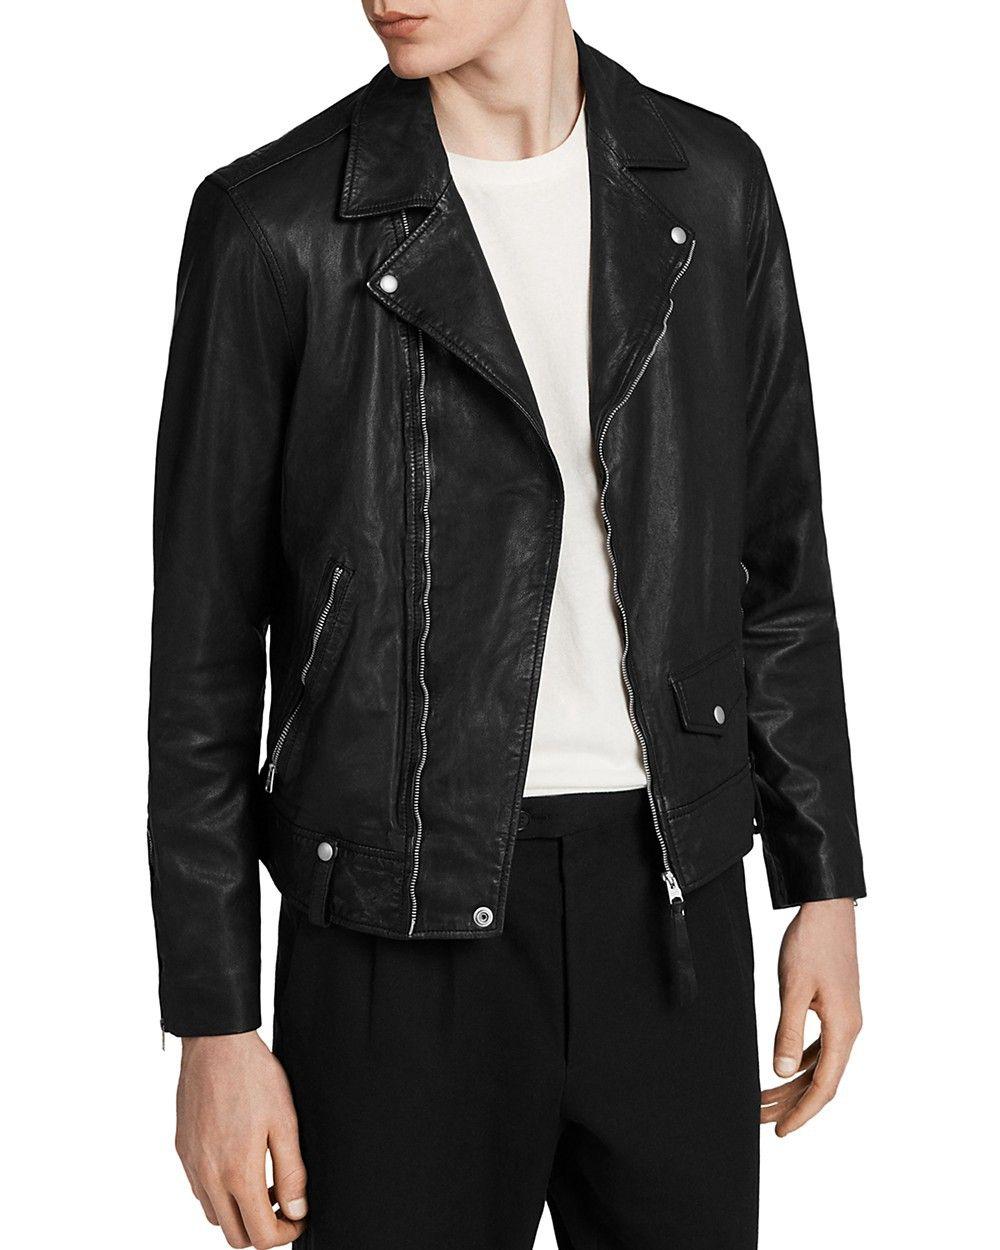 Allsaints Allsaints Jace Biker Jacket Allsaints Cloth Biker Jacket Men Jackets Biker Jacket [ 1250 x 1000 Pixel ]